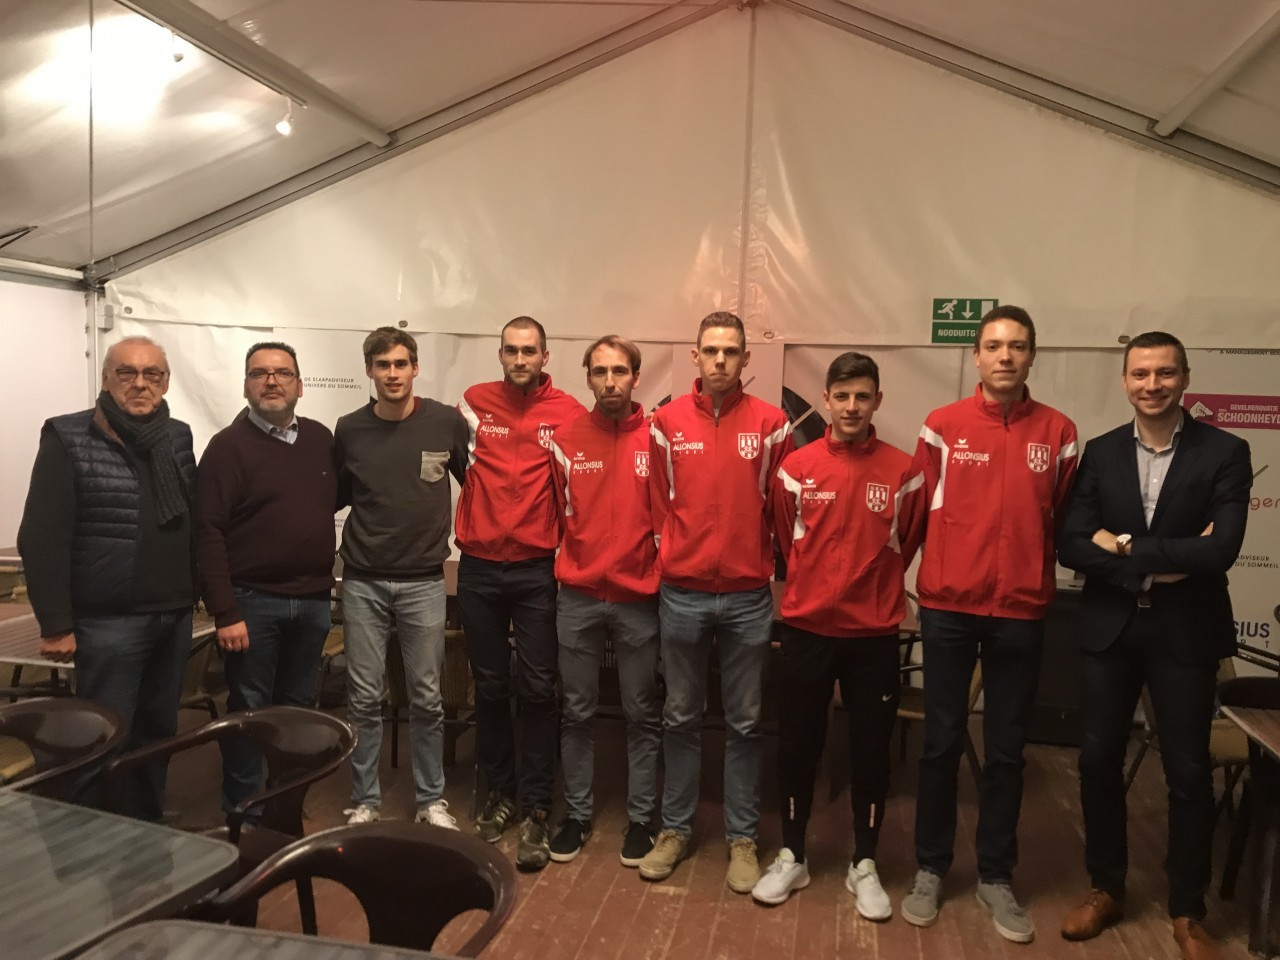 Ploegsamenstelling ECCC 2019 Albufeira